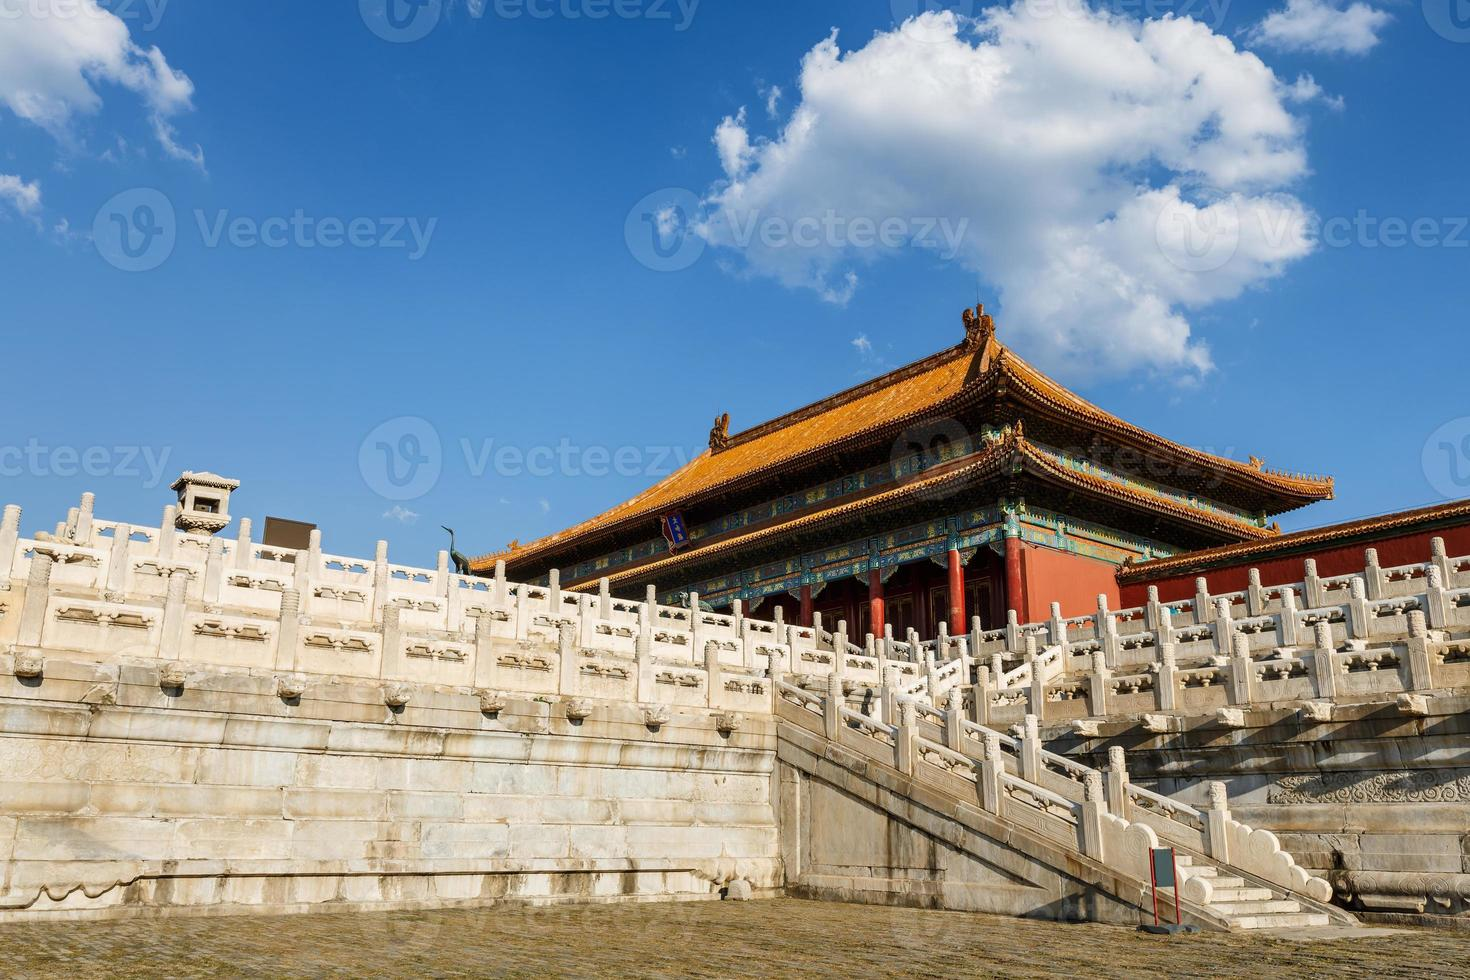 Los palacios reales de la ciudad prohibida en Beijing, China foto